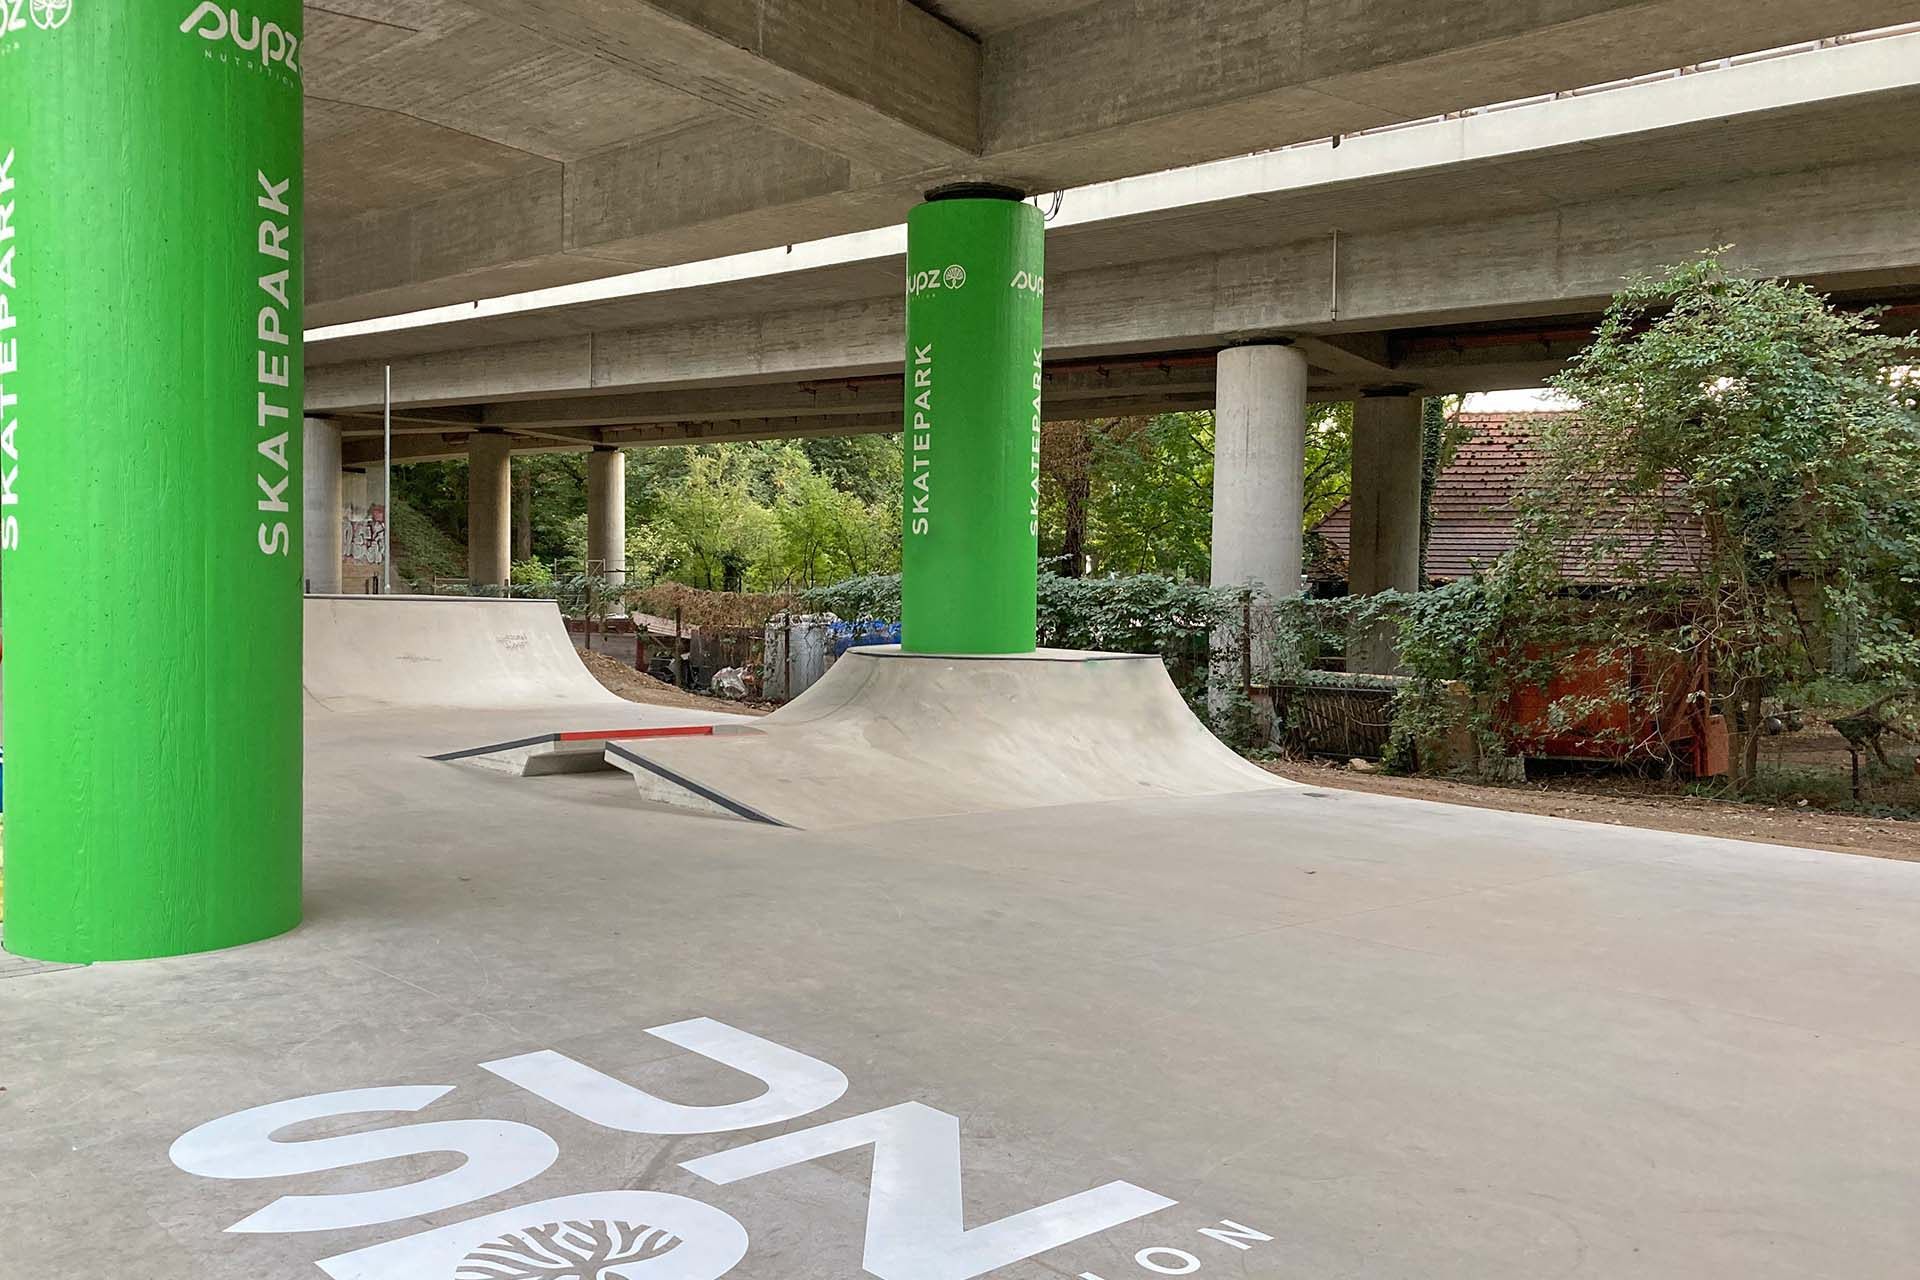 Branding, Brückengestaltung, Skatepark, Tübingen, DSGN Concepts